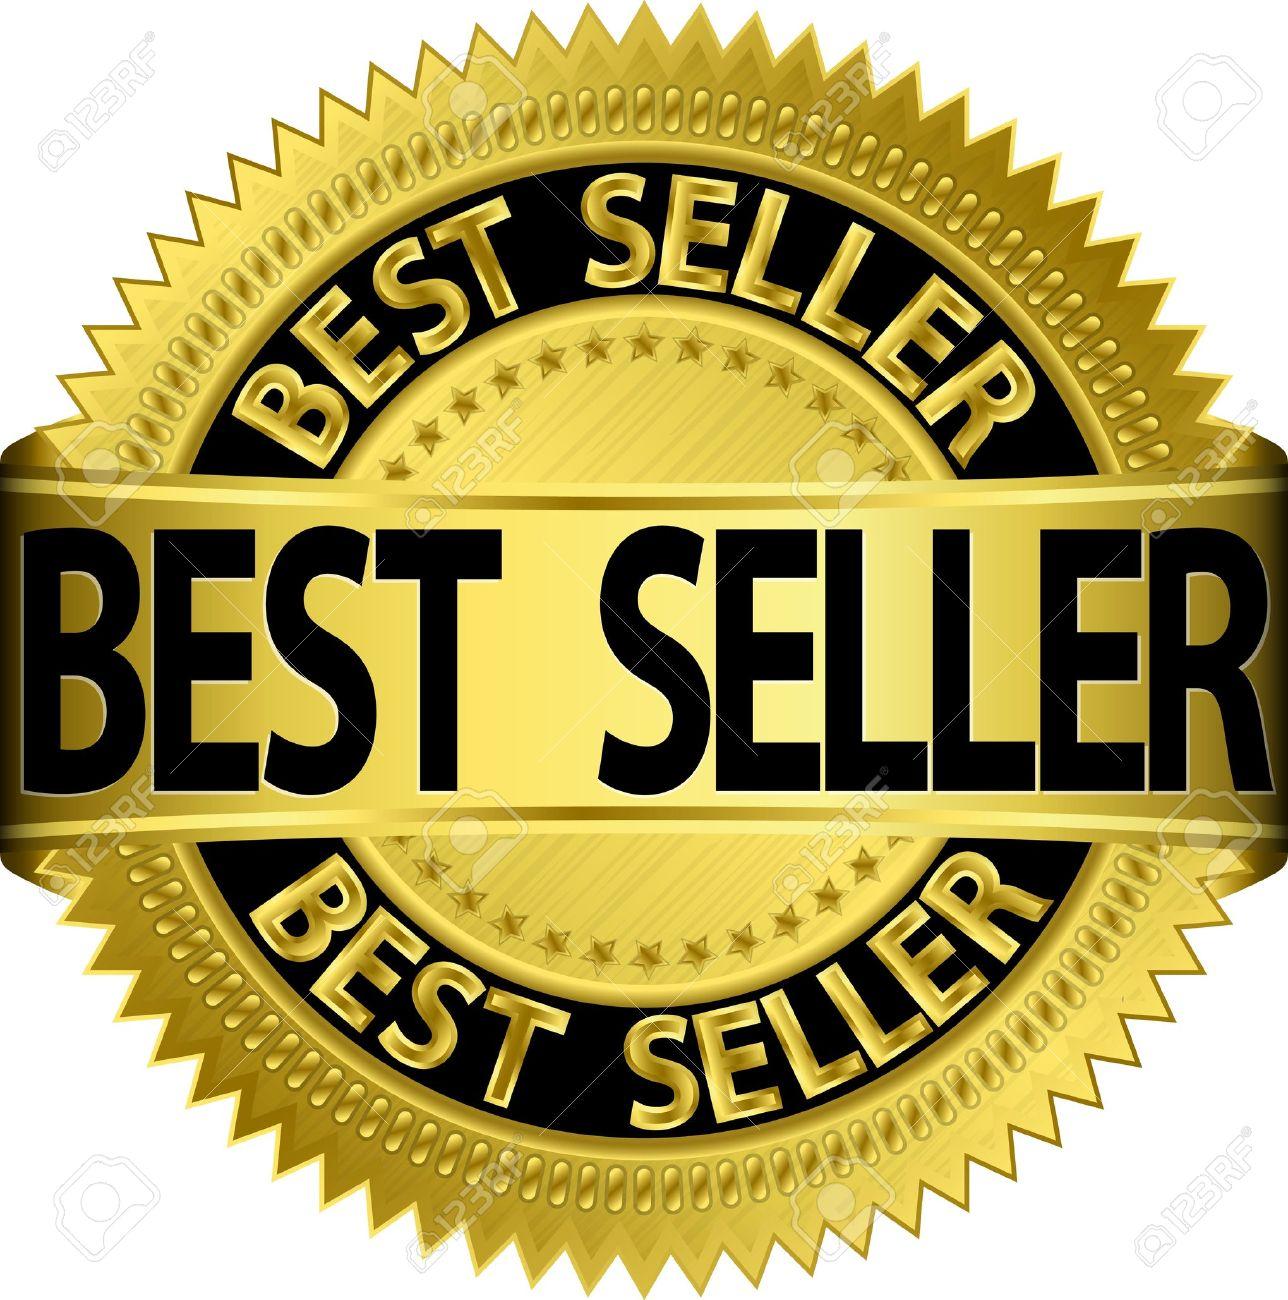 Best seller golden label, illustration Stock Vector - 15922817